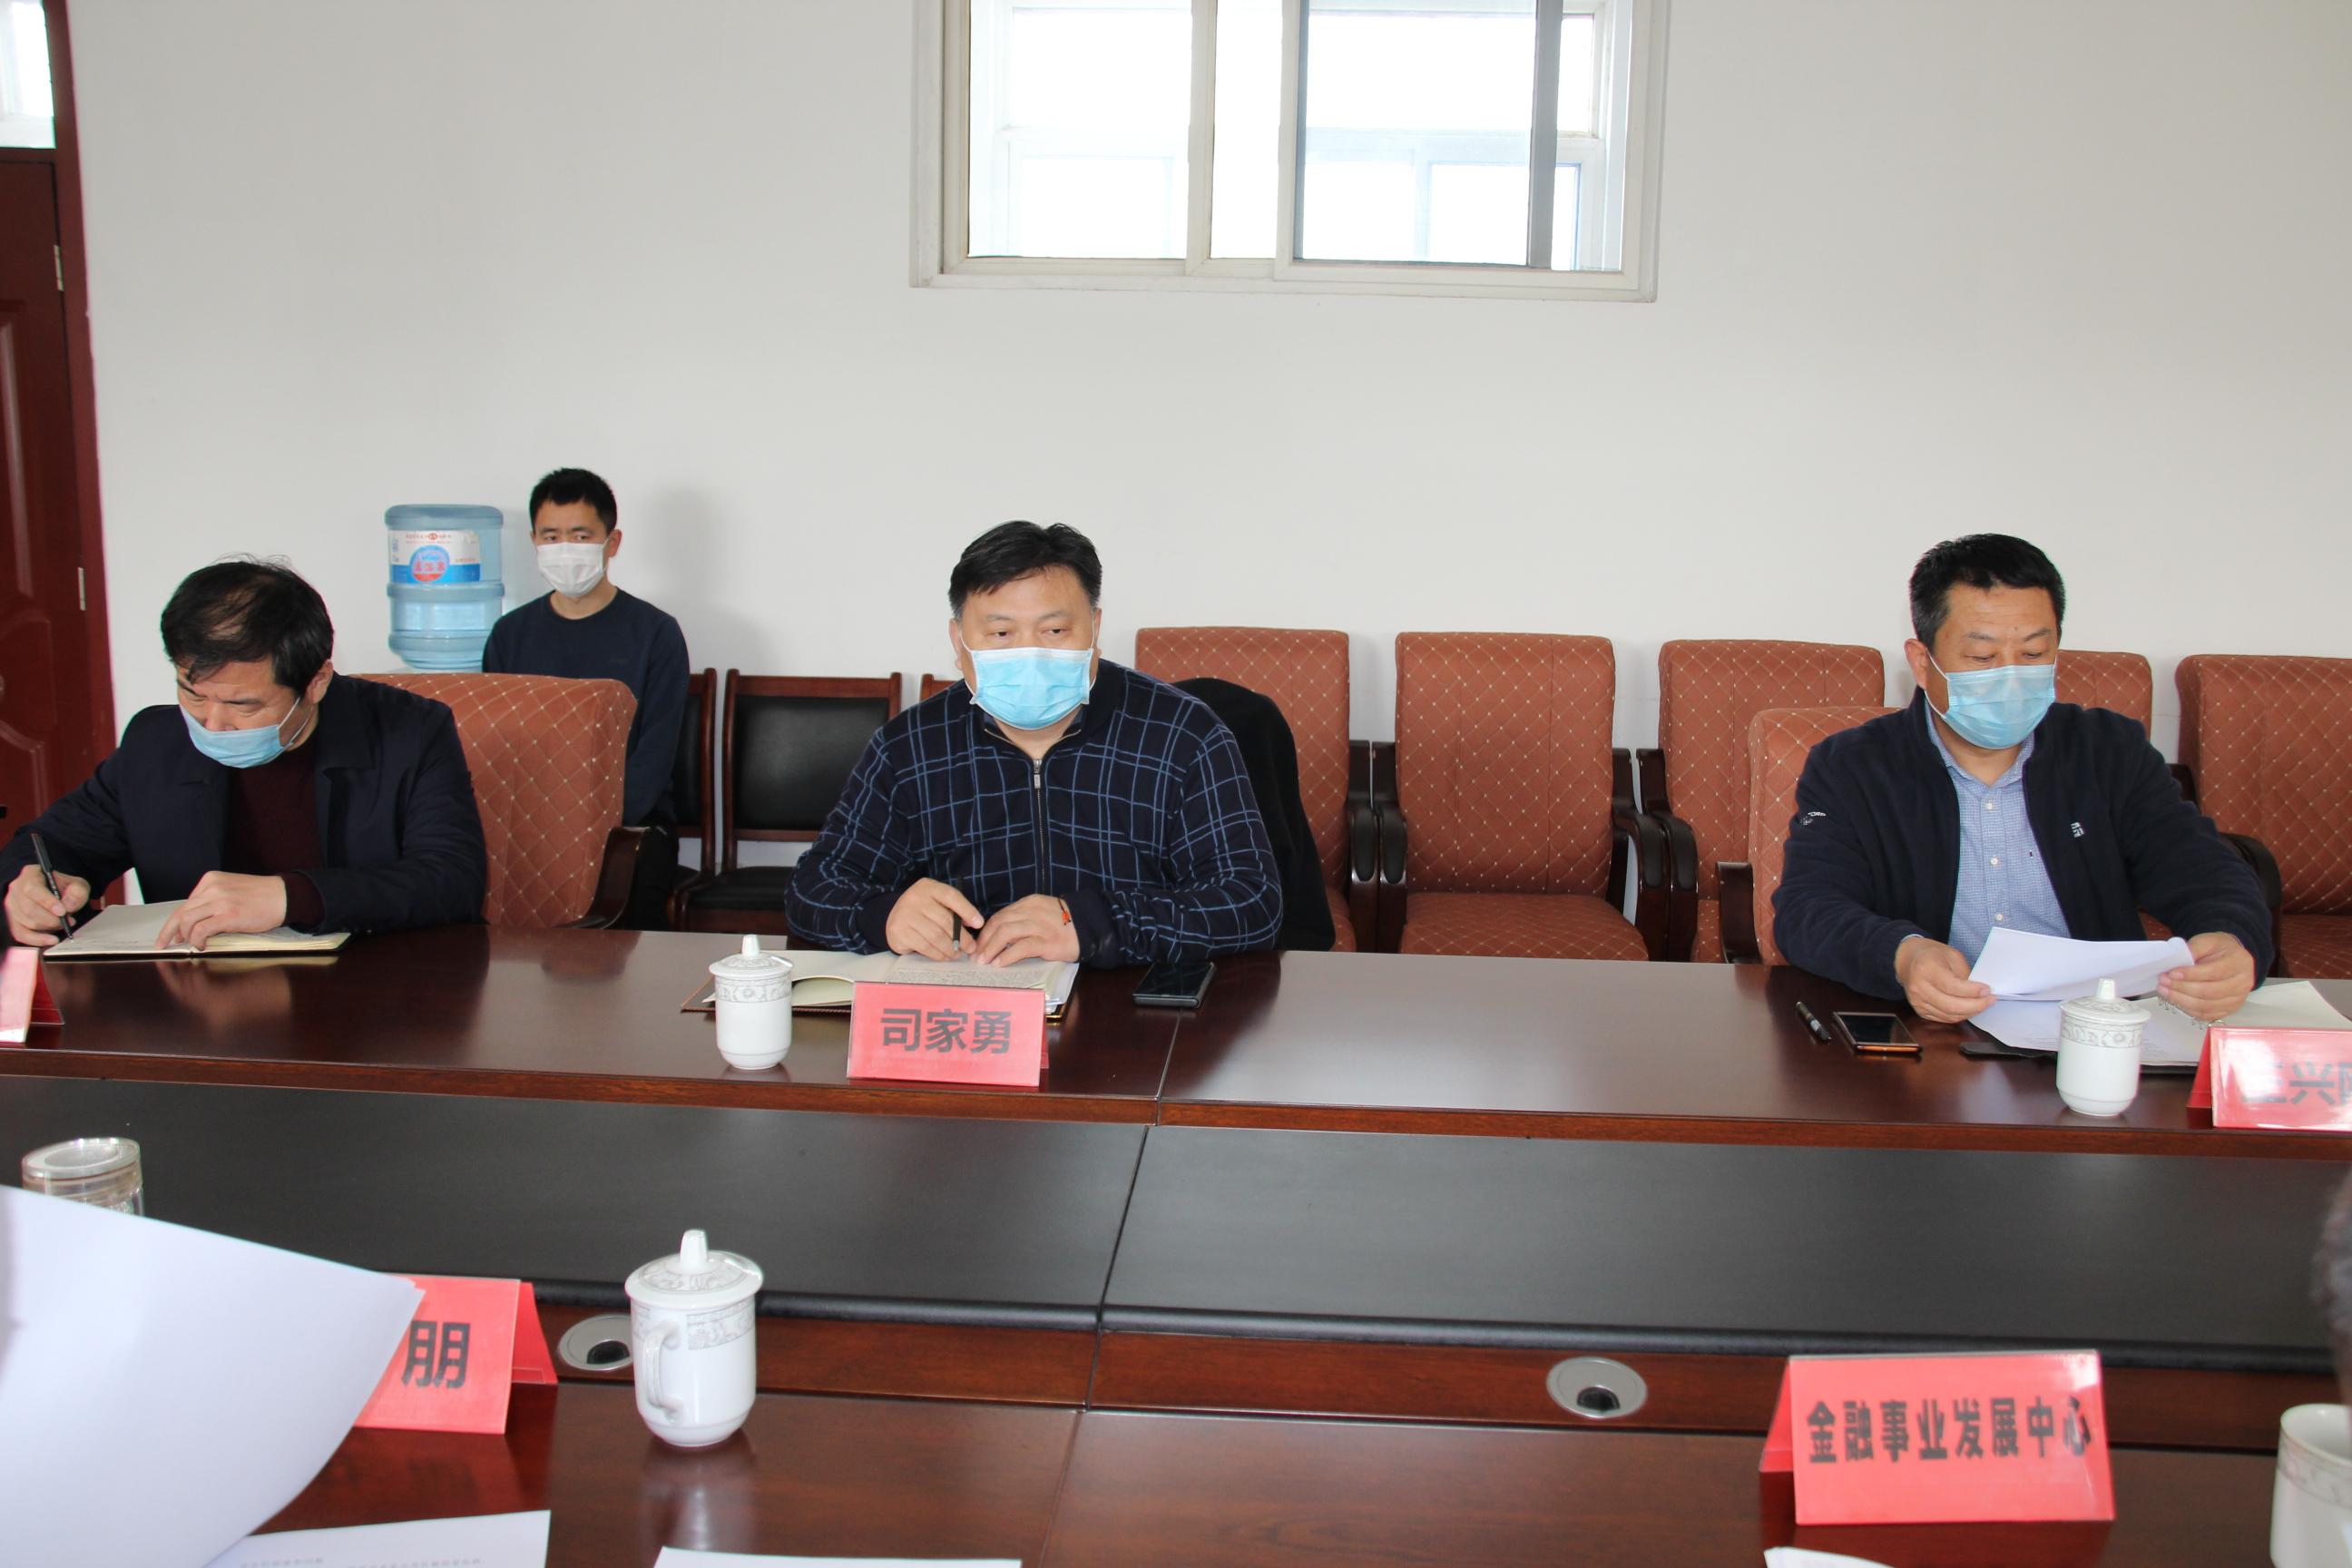 马广朋县长对接帮扶企业东阿国胶堂,解决实际问题插图(2)